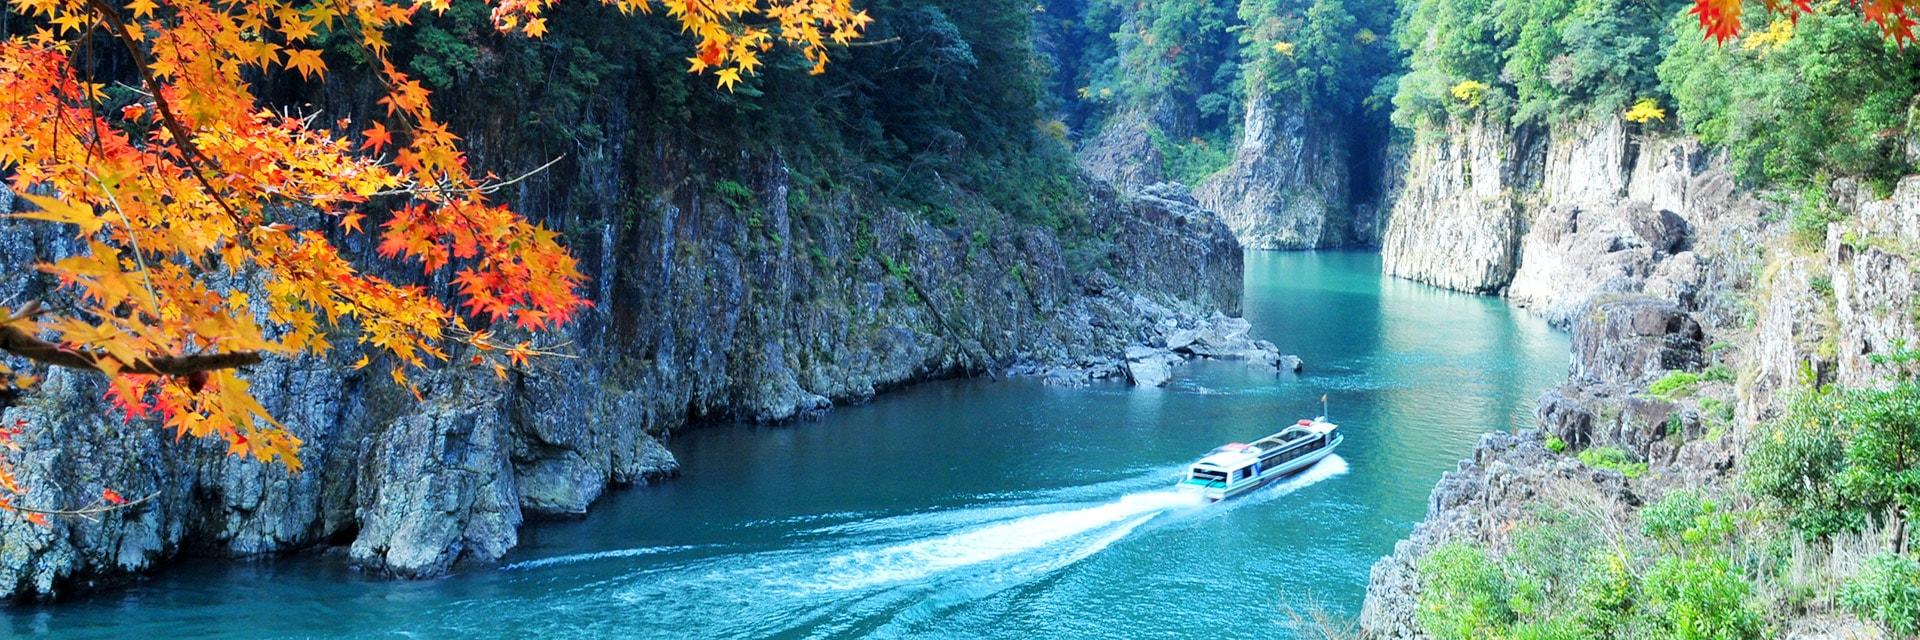 上順旅行社、日本旅遊、南紀、勝浦溫泉